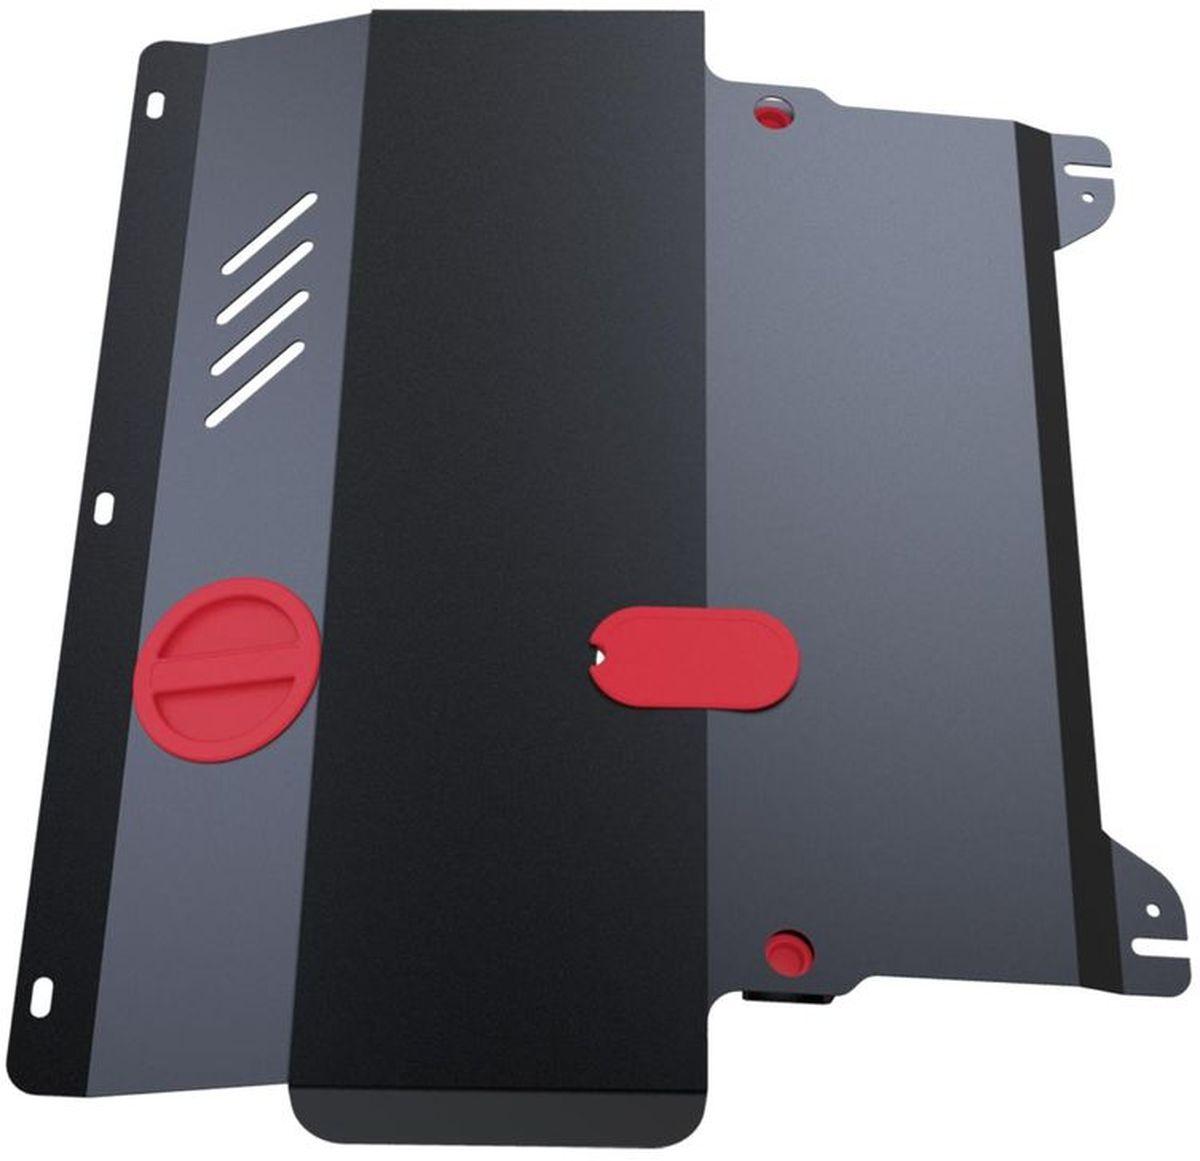 Защита картера Автоброня, для Nissan Primera P12, V - Все (2002-2008)SS 4041Технологически совершенный продукт за невысокую стоимость.Защита разработана с учетом особенностей днища автомобиля, что позволяет сохранить дорожный просвет с минимальным изменением.Защита устанавливается в штатные места кузова автомобиля. Глубокий штамп обеспечивает до двух раз больше жесткости в сравнении с обычной защитой той же толщины. Проштампованные ребра жесткости препятствуют деформации защиты при ударах.Тепловой зазор и вентиляционные отверстия обеспечивают сохранение температурного режима двигателя в норме. Скрытый крепеж предотвращает срыв крепежных элементов при наезде на препятствие.Шумопоглощающие резиновые элементы обеспечивают комфортную езду без вибраций и скрежета металла, а съемные лючки для слива масла и замены фильтра - экономию средств и время.Конструкция изделия не влияет на пассивную безопасность автомобиля (при ударе защита не воздействует на деформационные зоны кузова). Со штатным крепежом. В комплекте инструкция по установке.Толщина стали: 2 мм.Уважаемые клиенты!Обращаем ваше внимание, что элемент защиты имеет форму, соответствующую модели данного автомобиля. Фото служит для визуального восприятия товара и может отличаться от фактического.